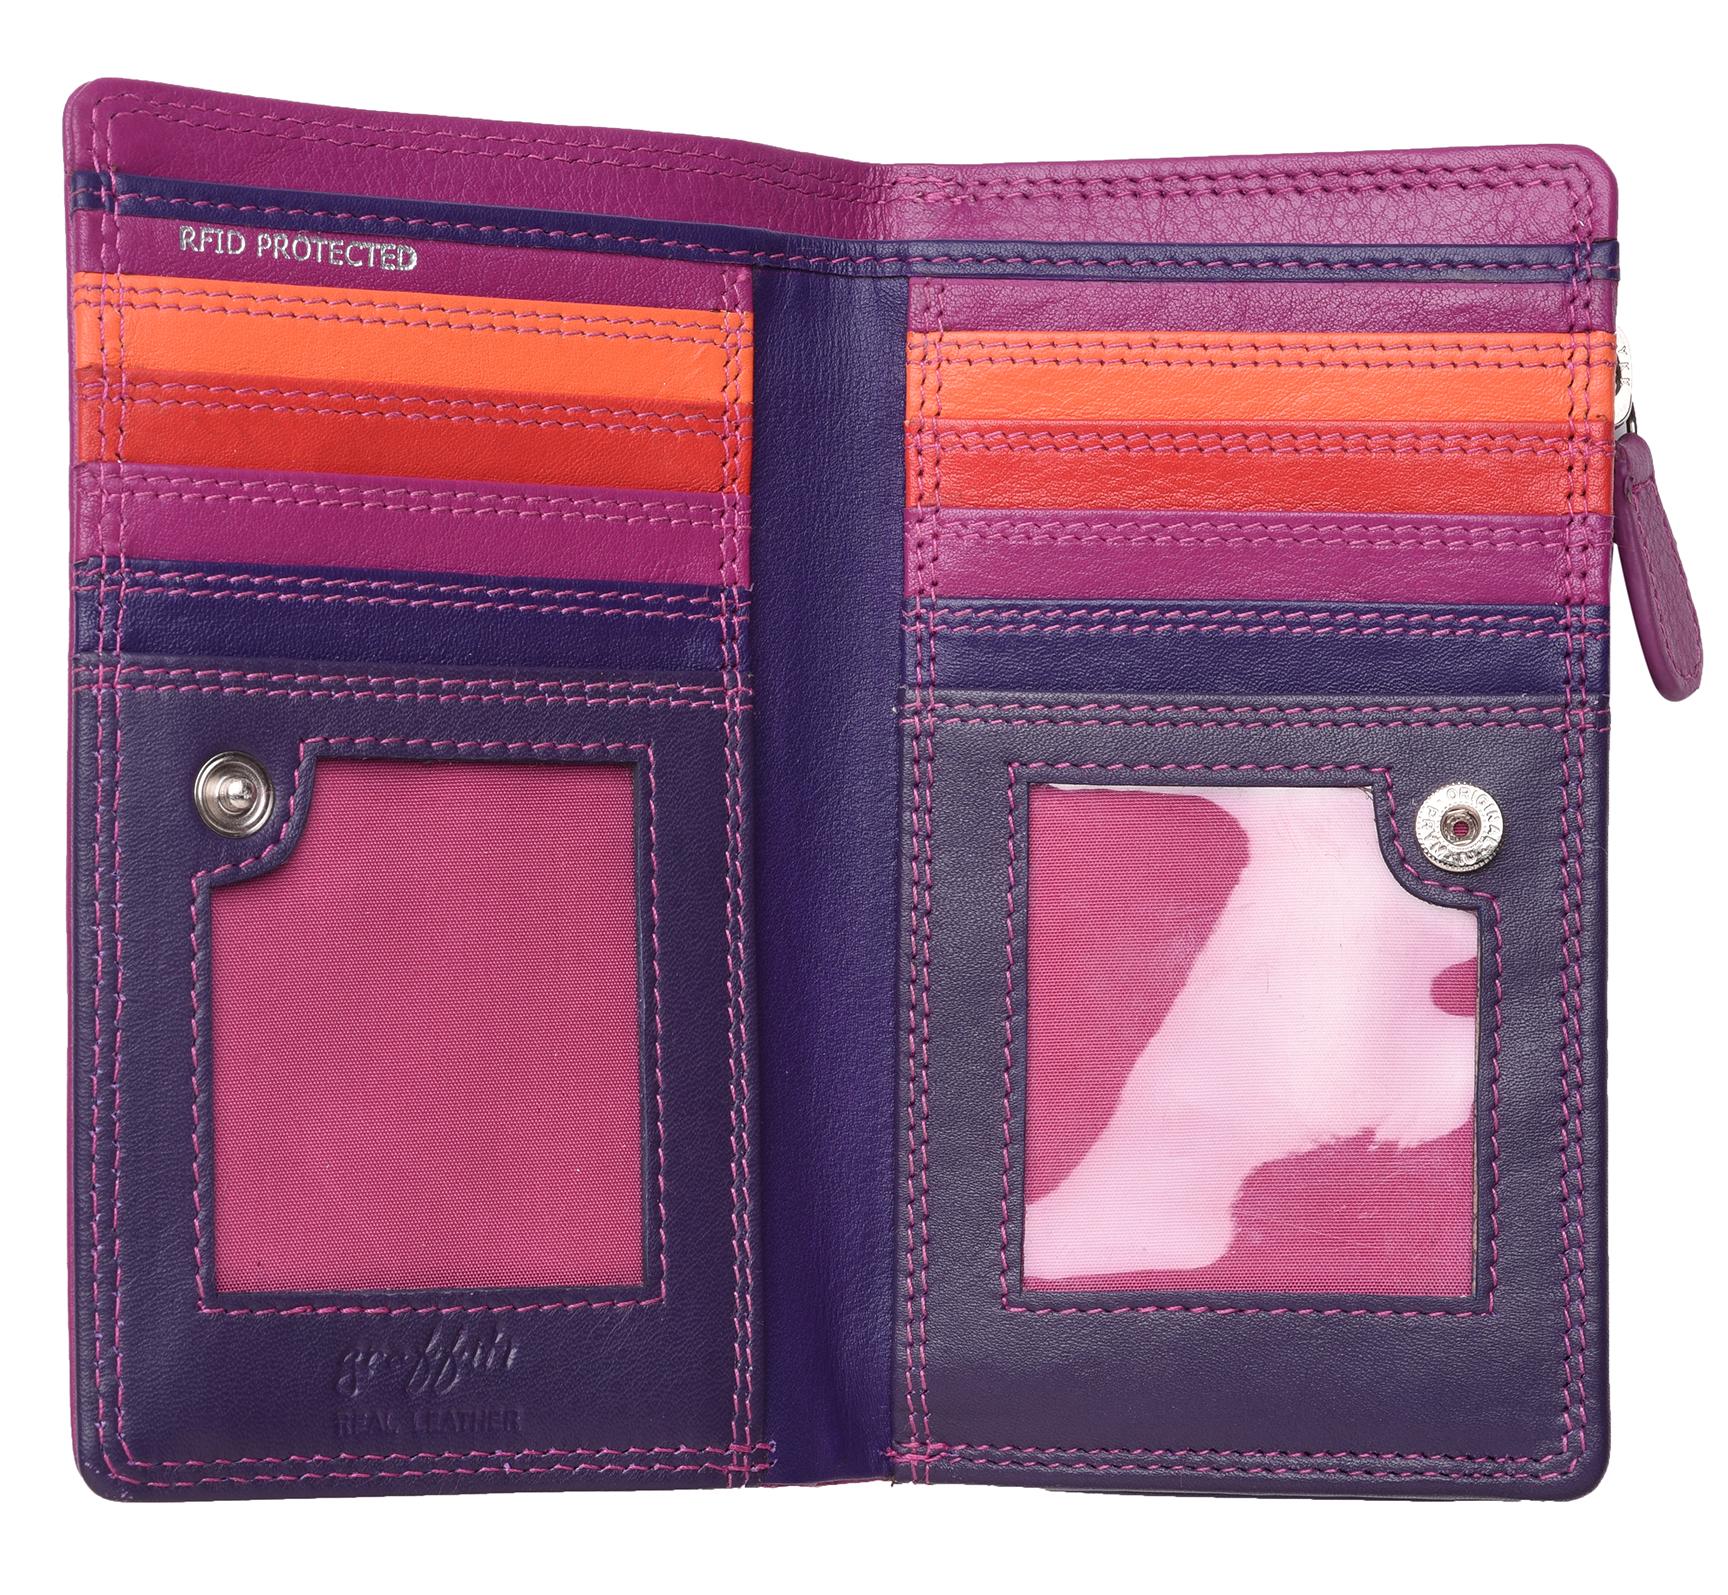 Femme-Veritable-Multi-Couleur-RFID-Blocage-De-Haute-Qualite-Sac-a-Main-Portefeuille miniature 12